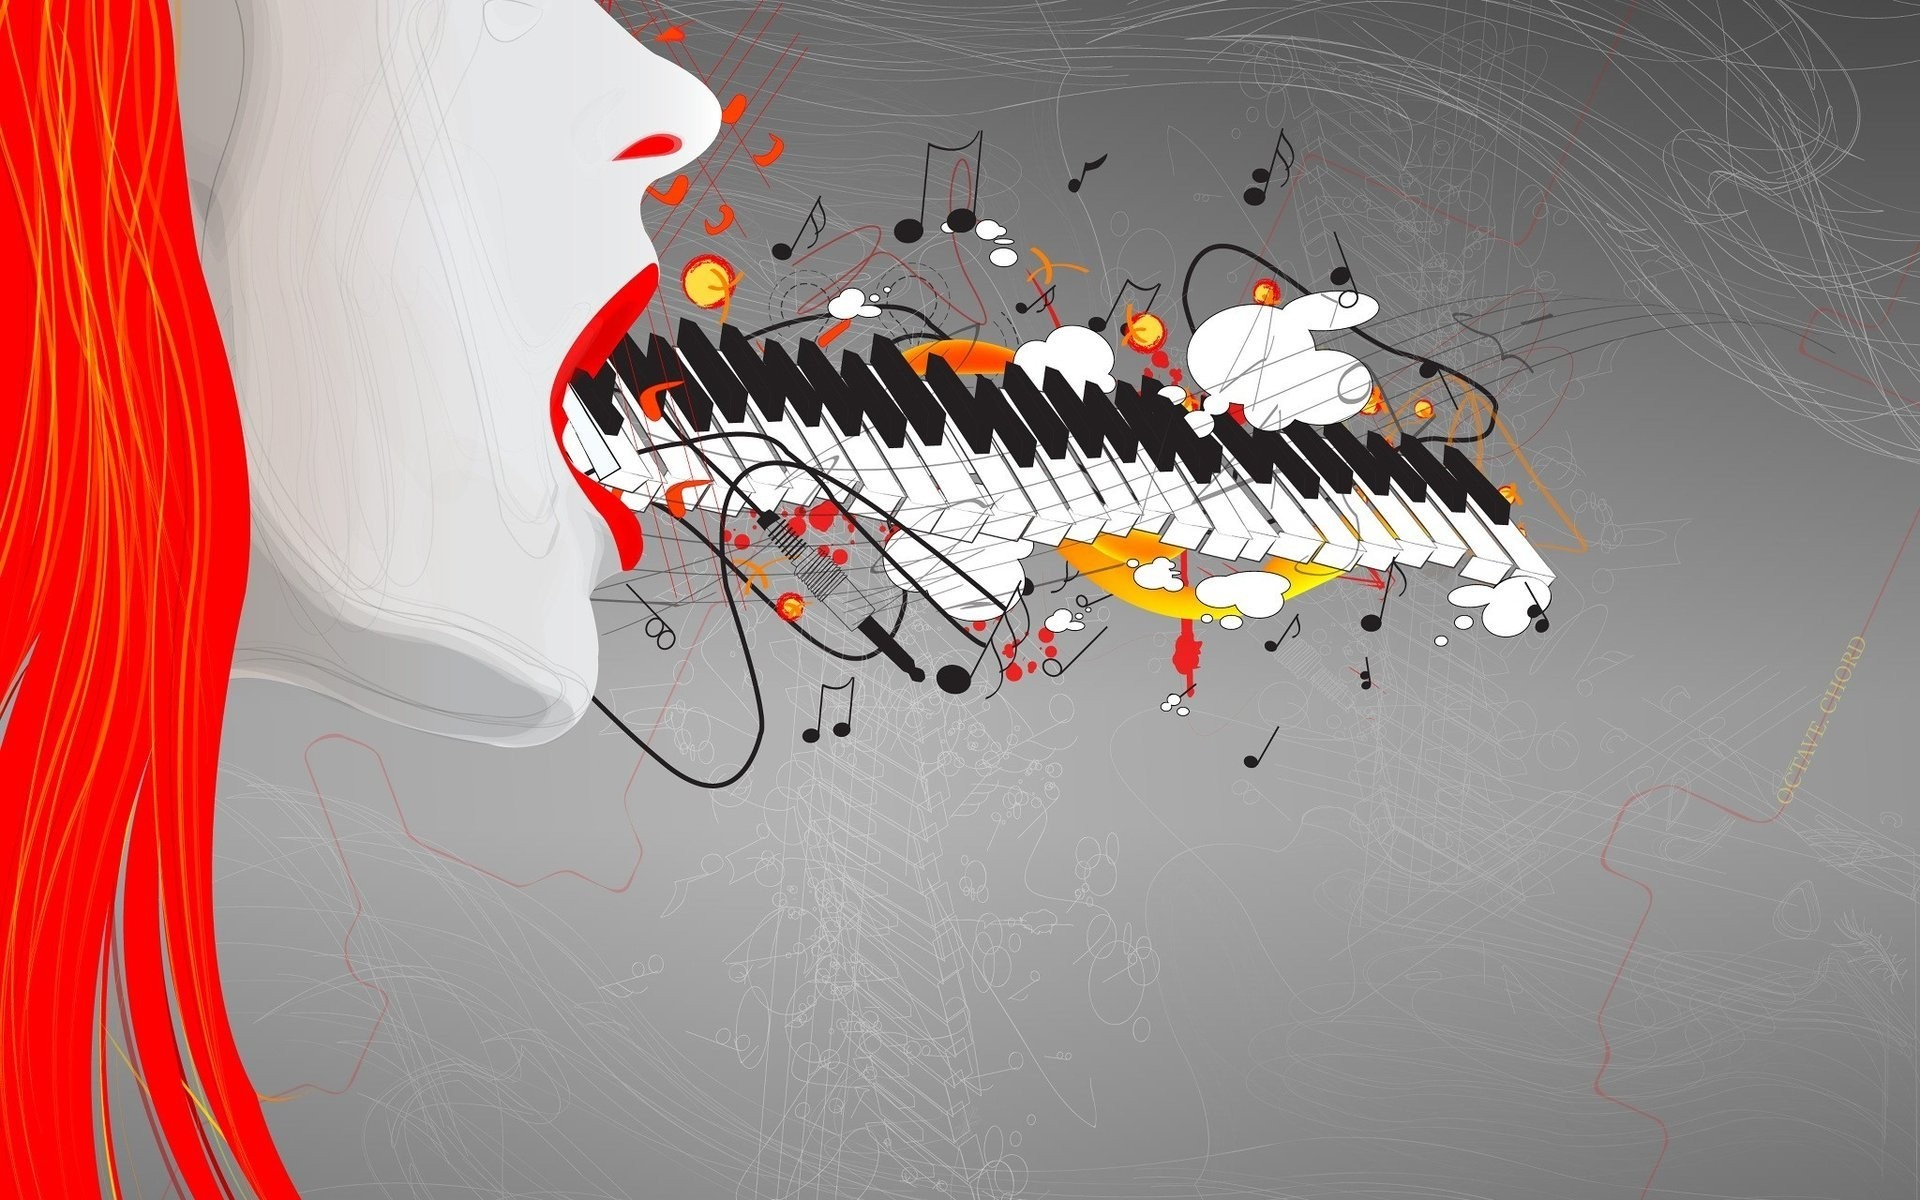 графика музыка graphics music загрузить